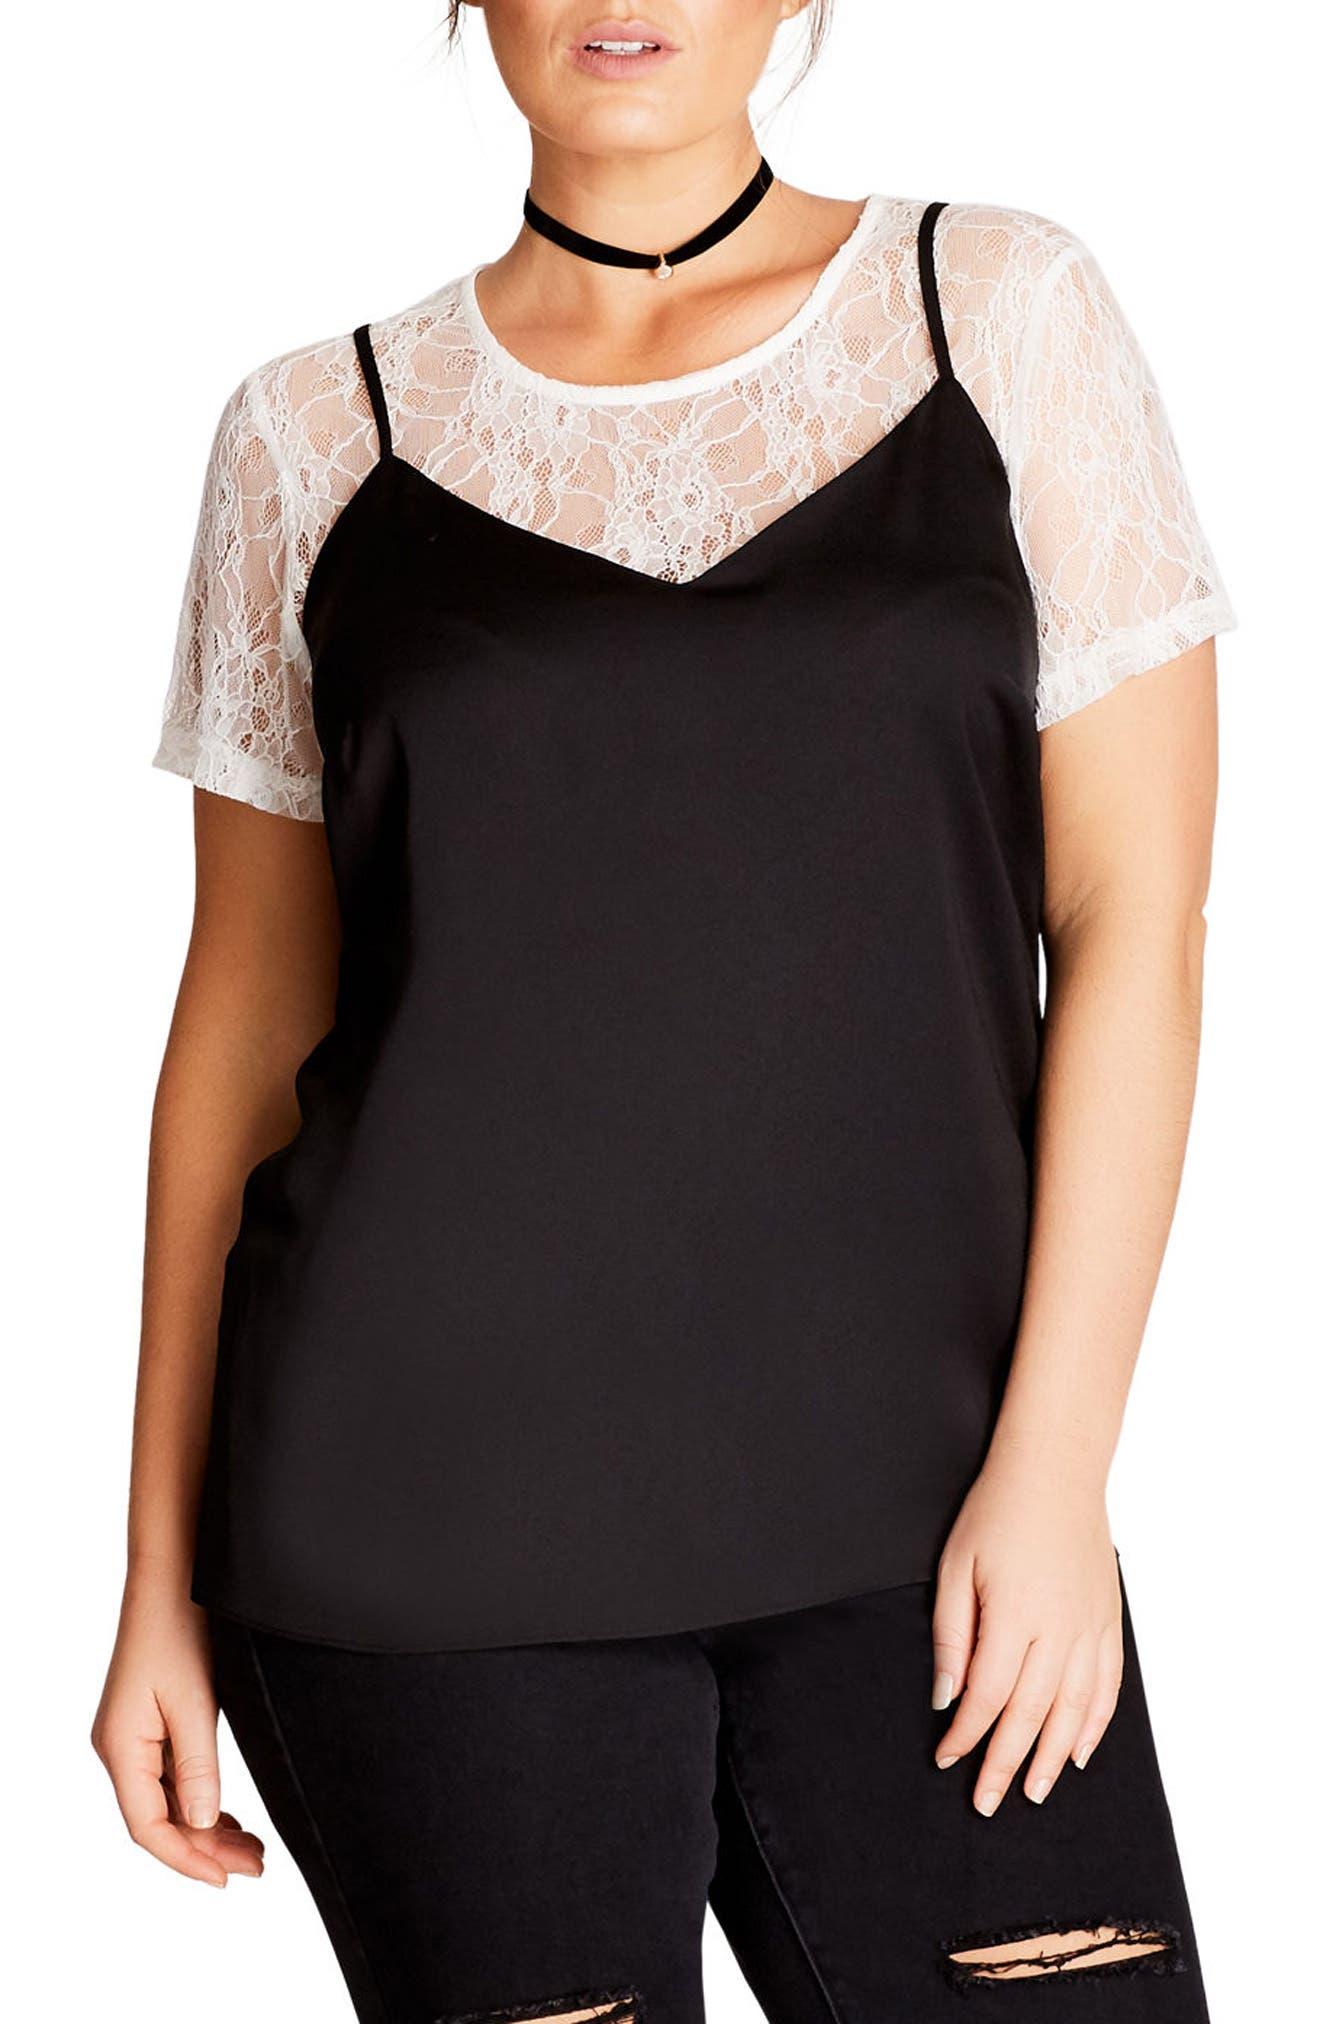 Main Image - City Chic Lace Top (Plus Size)